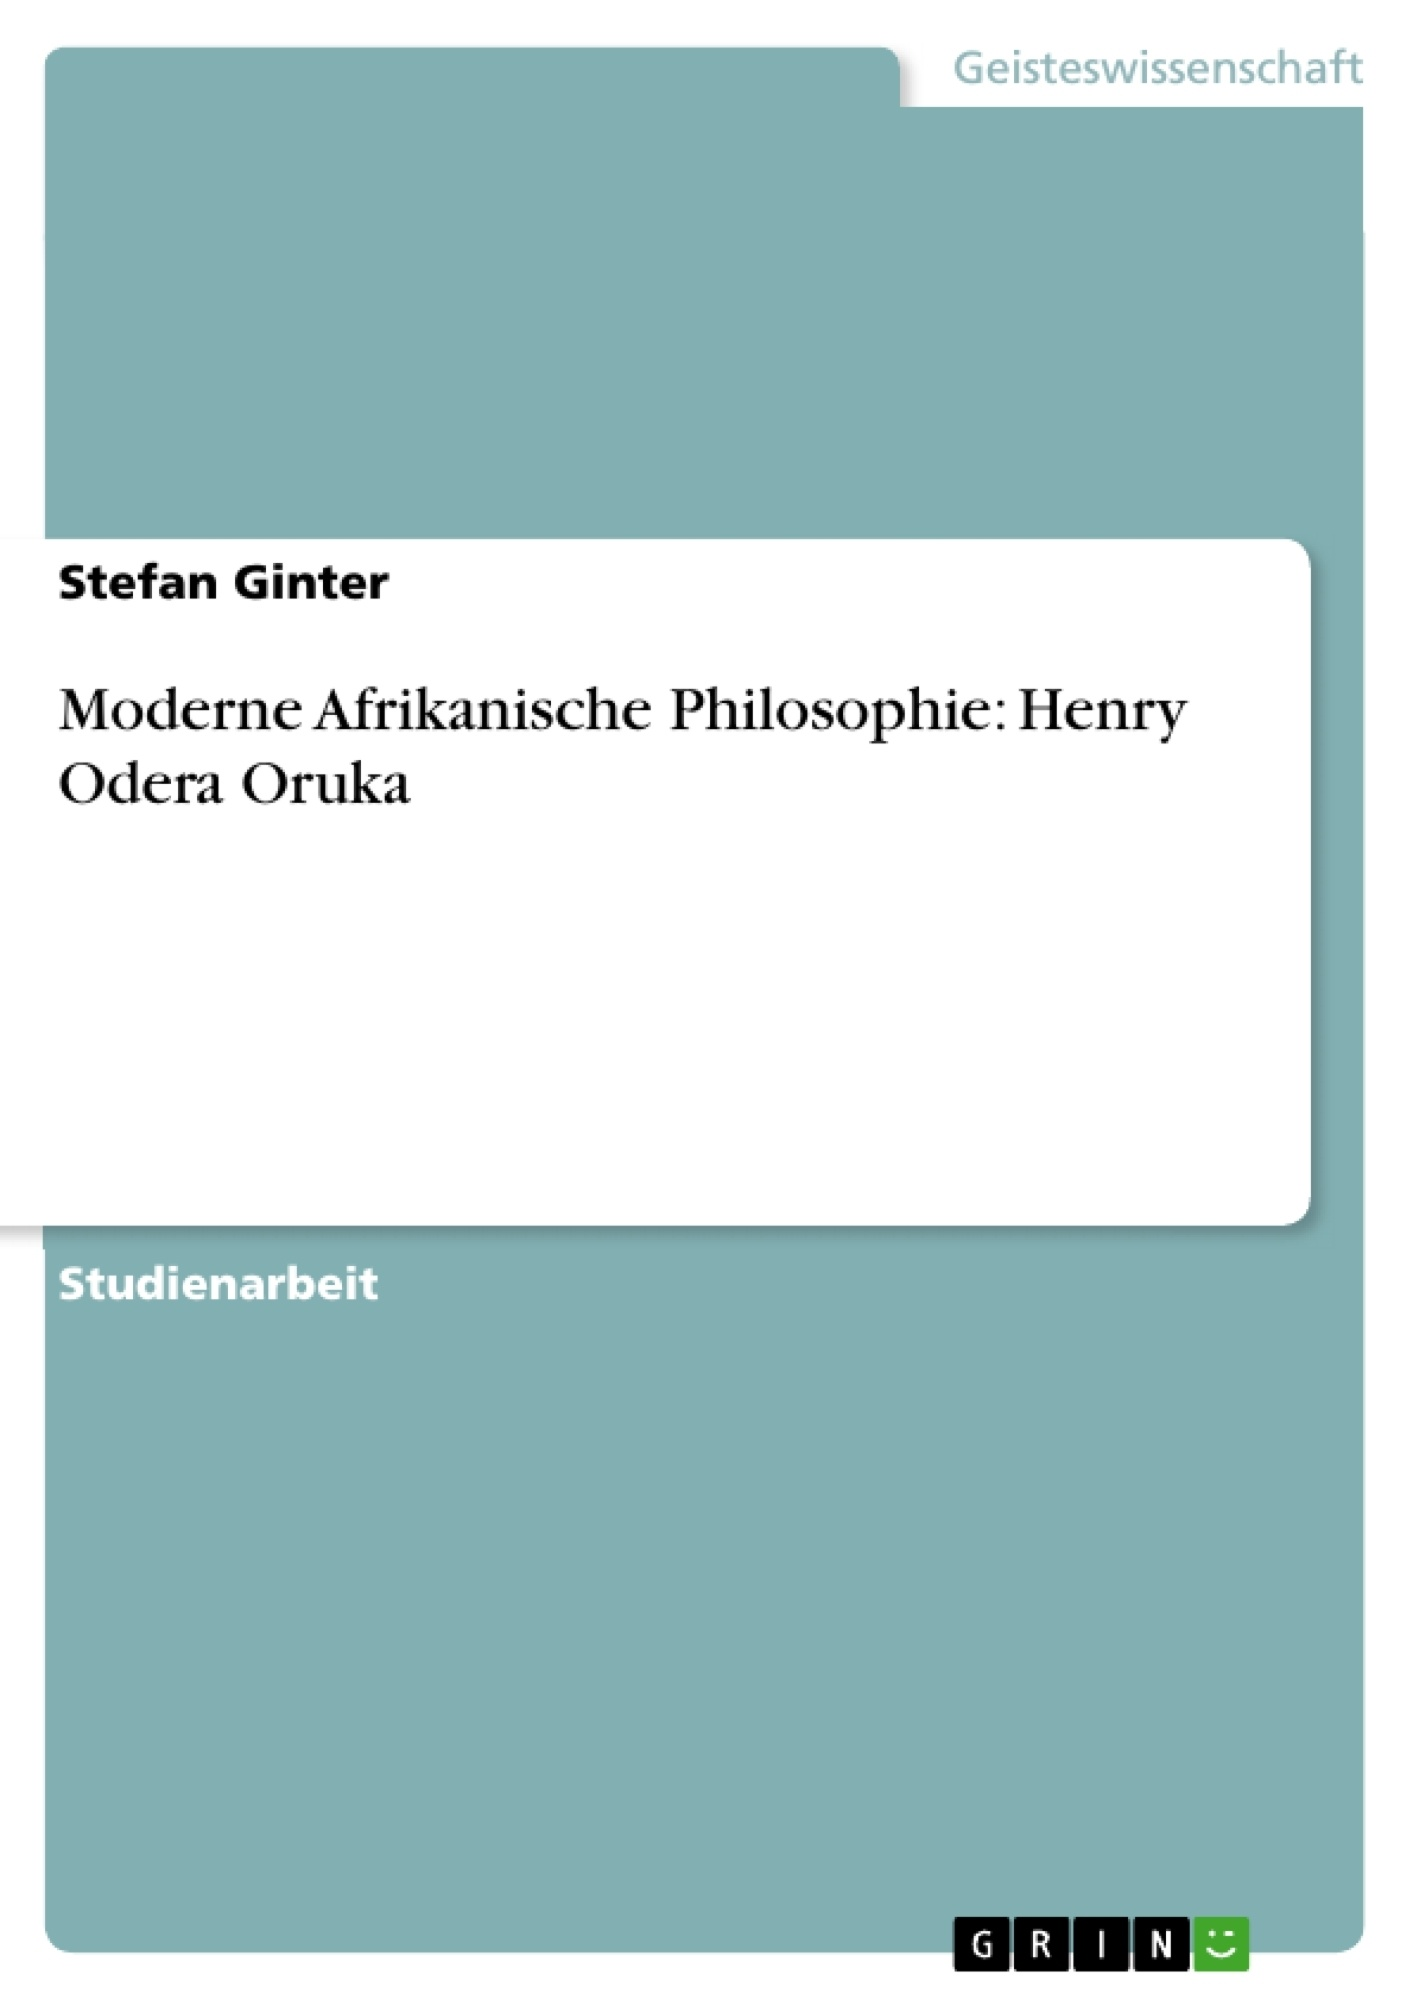 Titel: Moderne Afrikanische Philosophie: Henry Odera Oruka